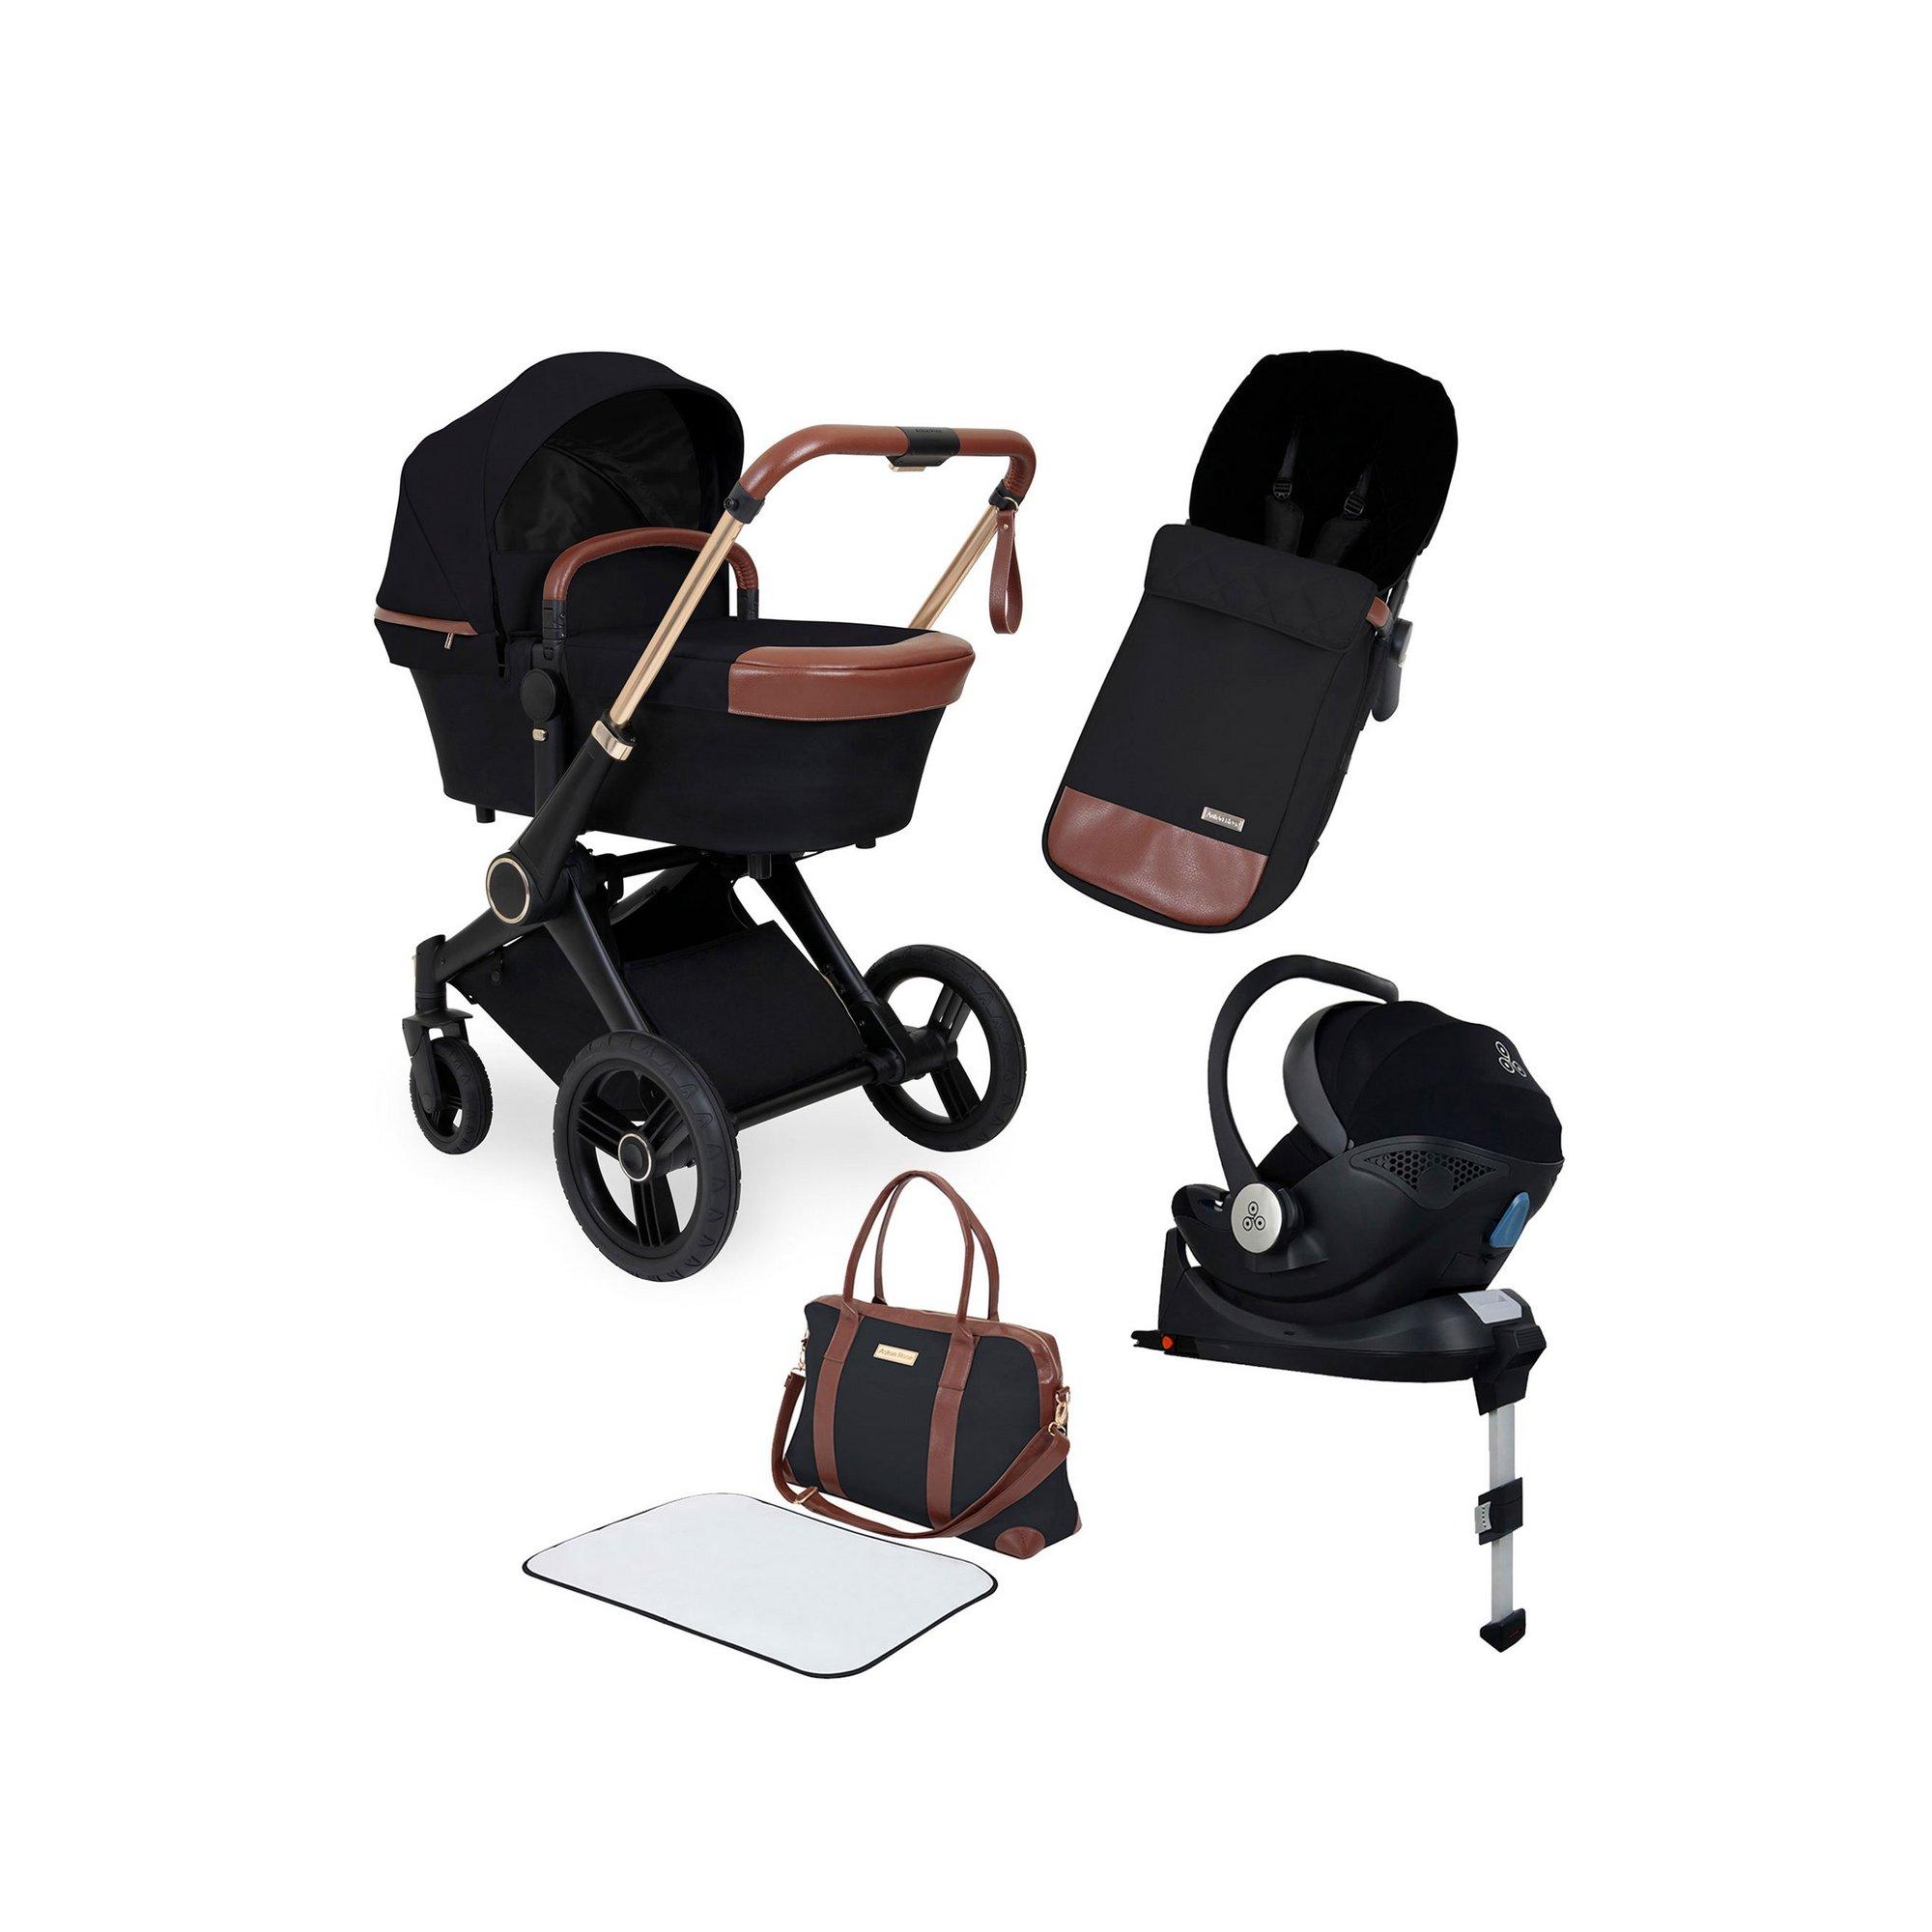 Image of Aston Rose I-Size Travel System with Mercury Car Seat and Isofix Base